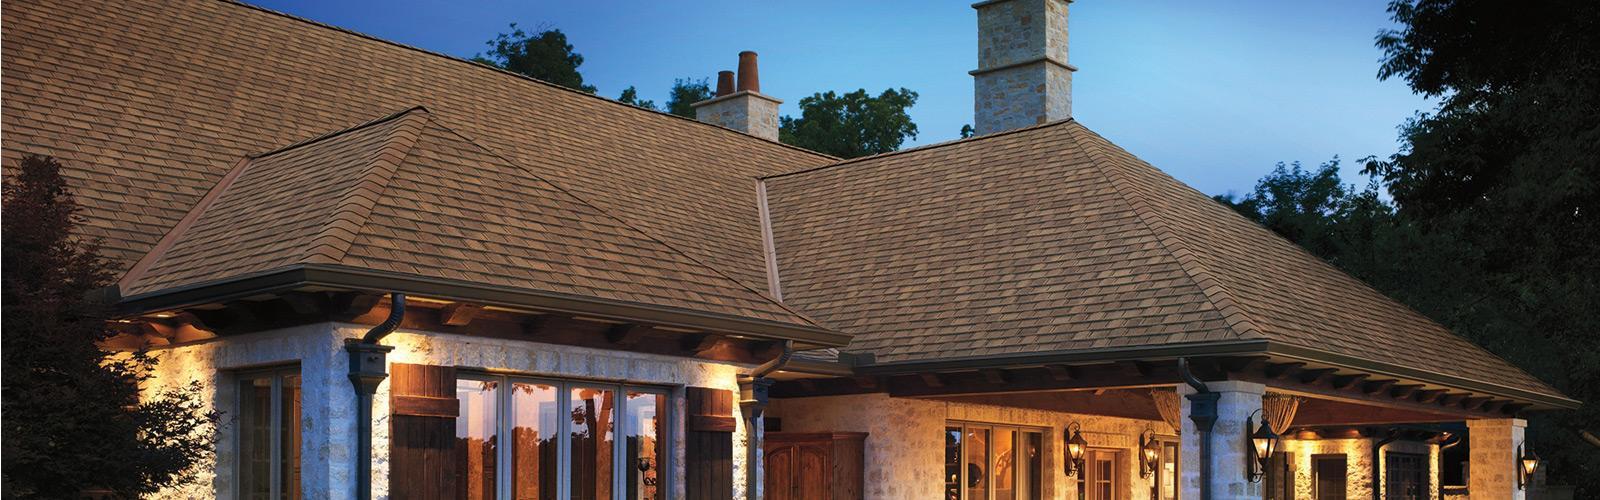 نمای سقف شینگل چیست؟